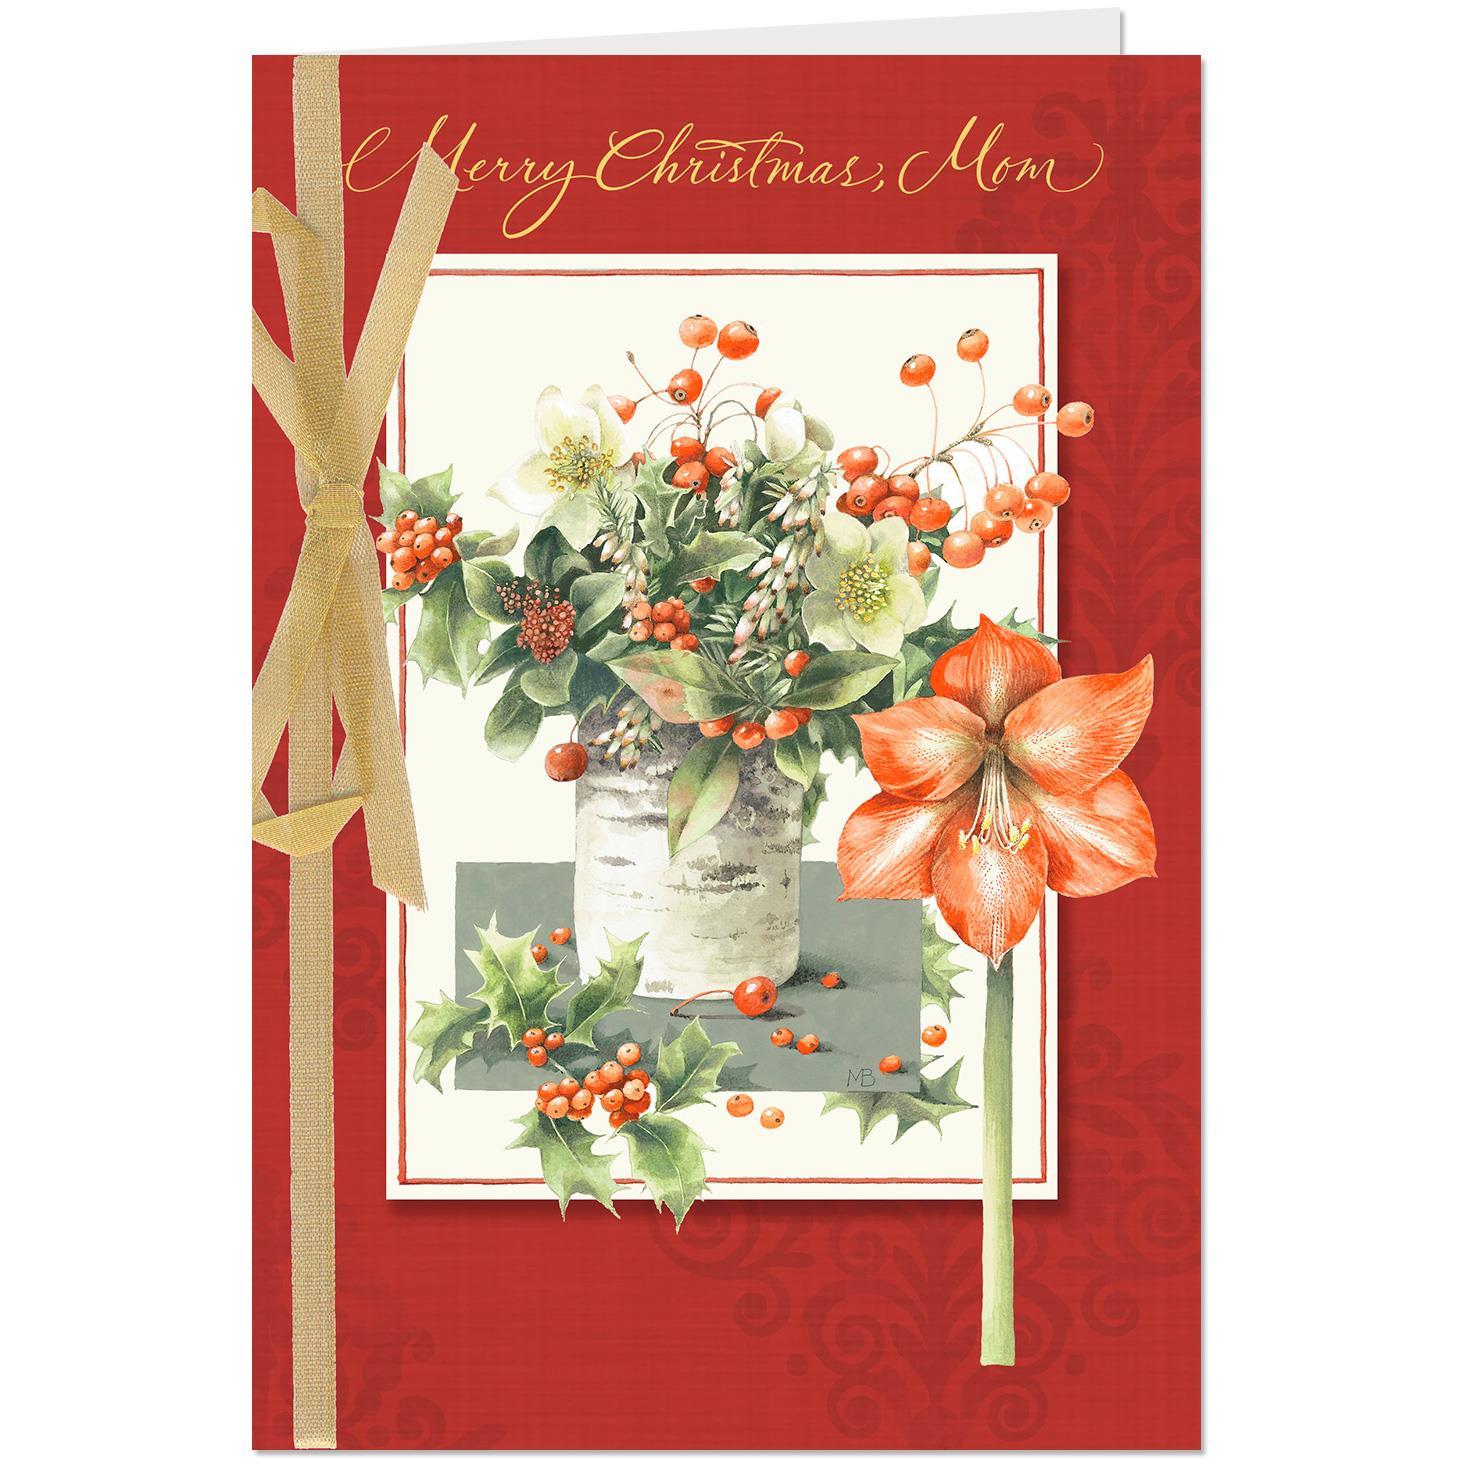 Marjolein bastin bouquet in birch vase christmas card for mom marjolein bastin bouquet in birch vase christmas card for mom m4hsunfo